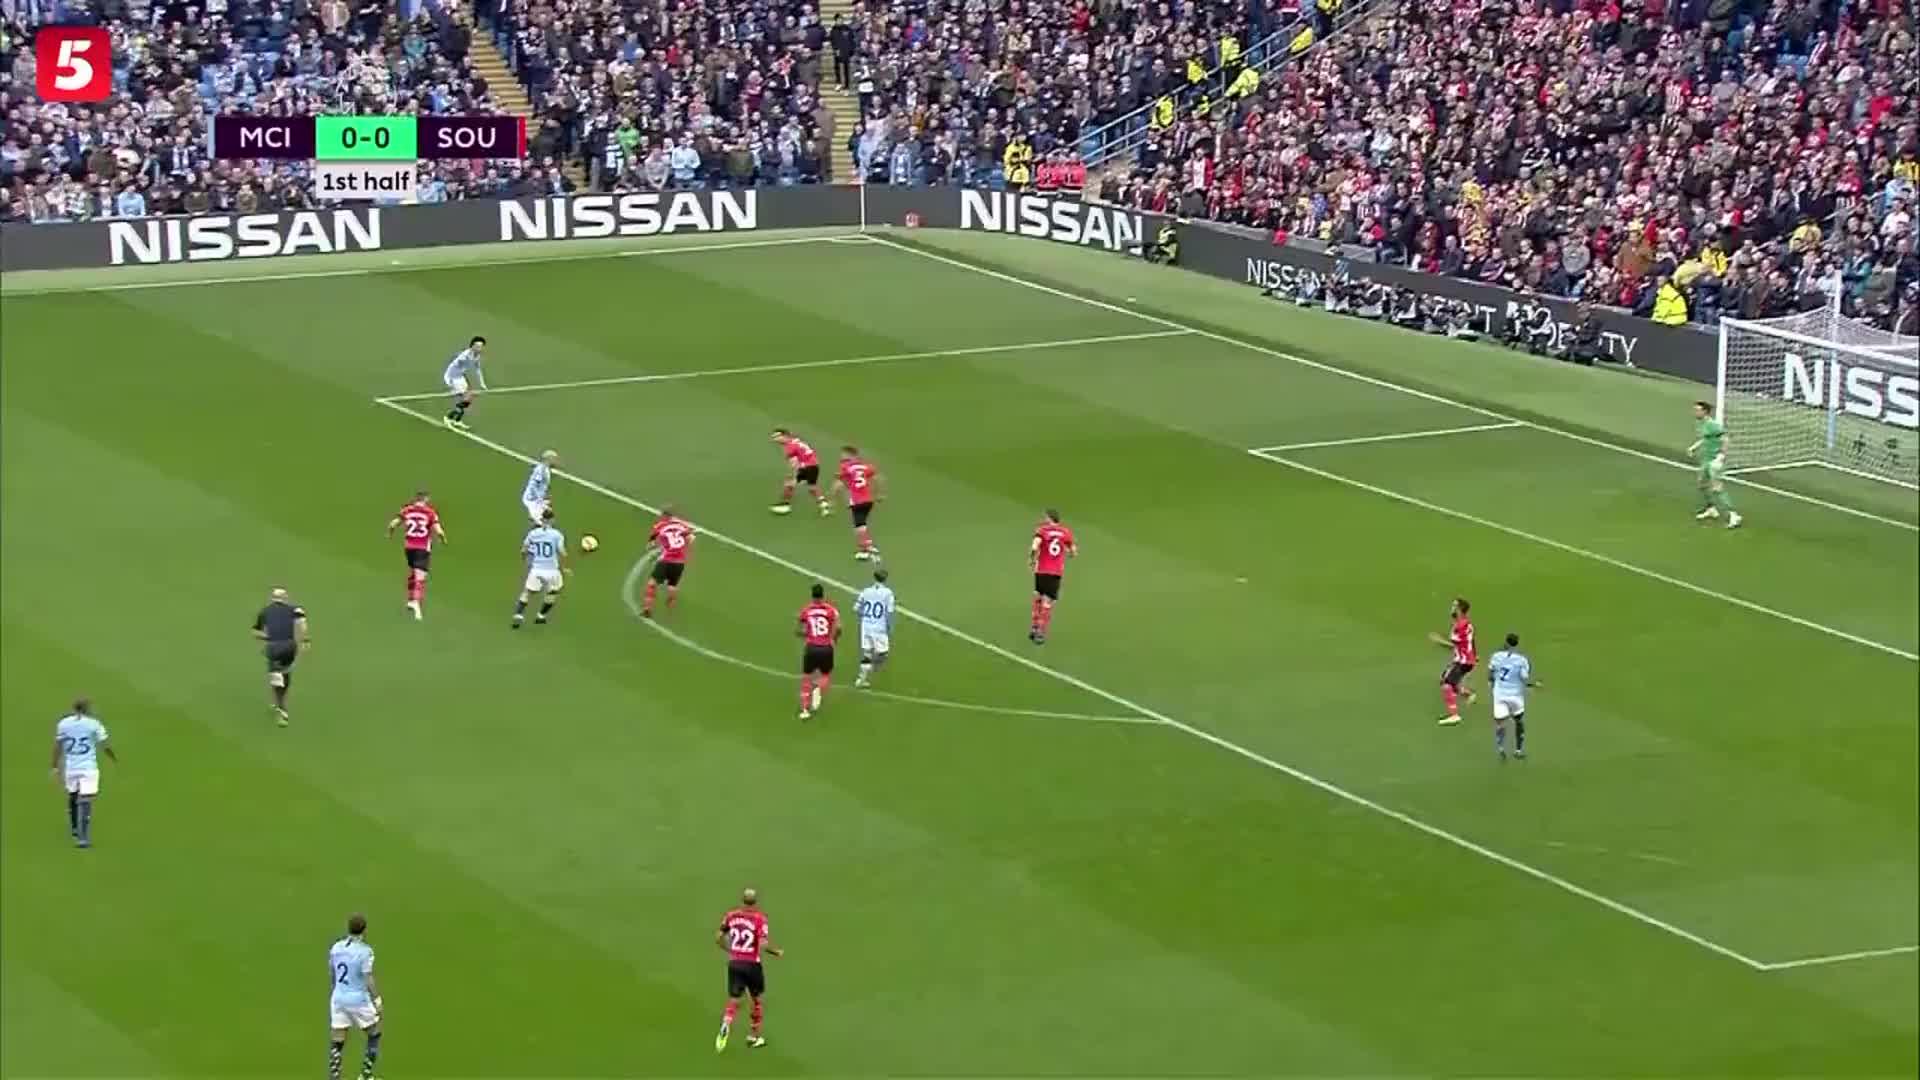 [视频]英超:曼城主场6-1狂胜南安普顿独自领跑 斯特林2球2助攻